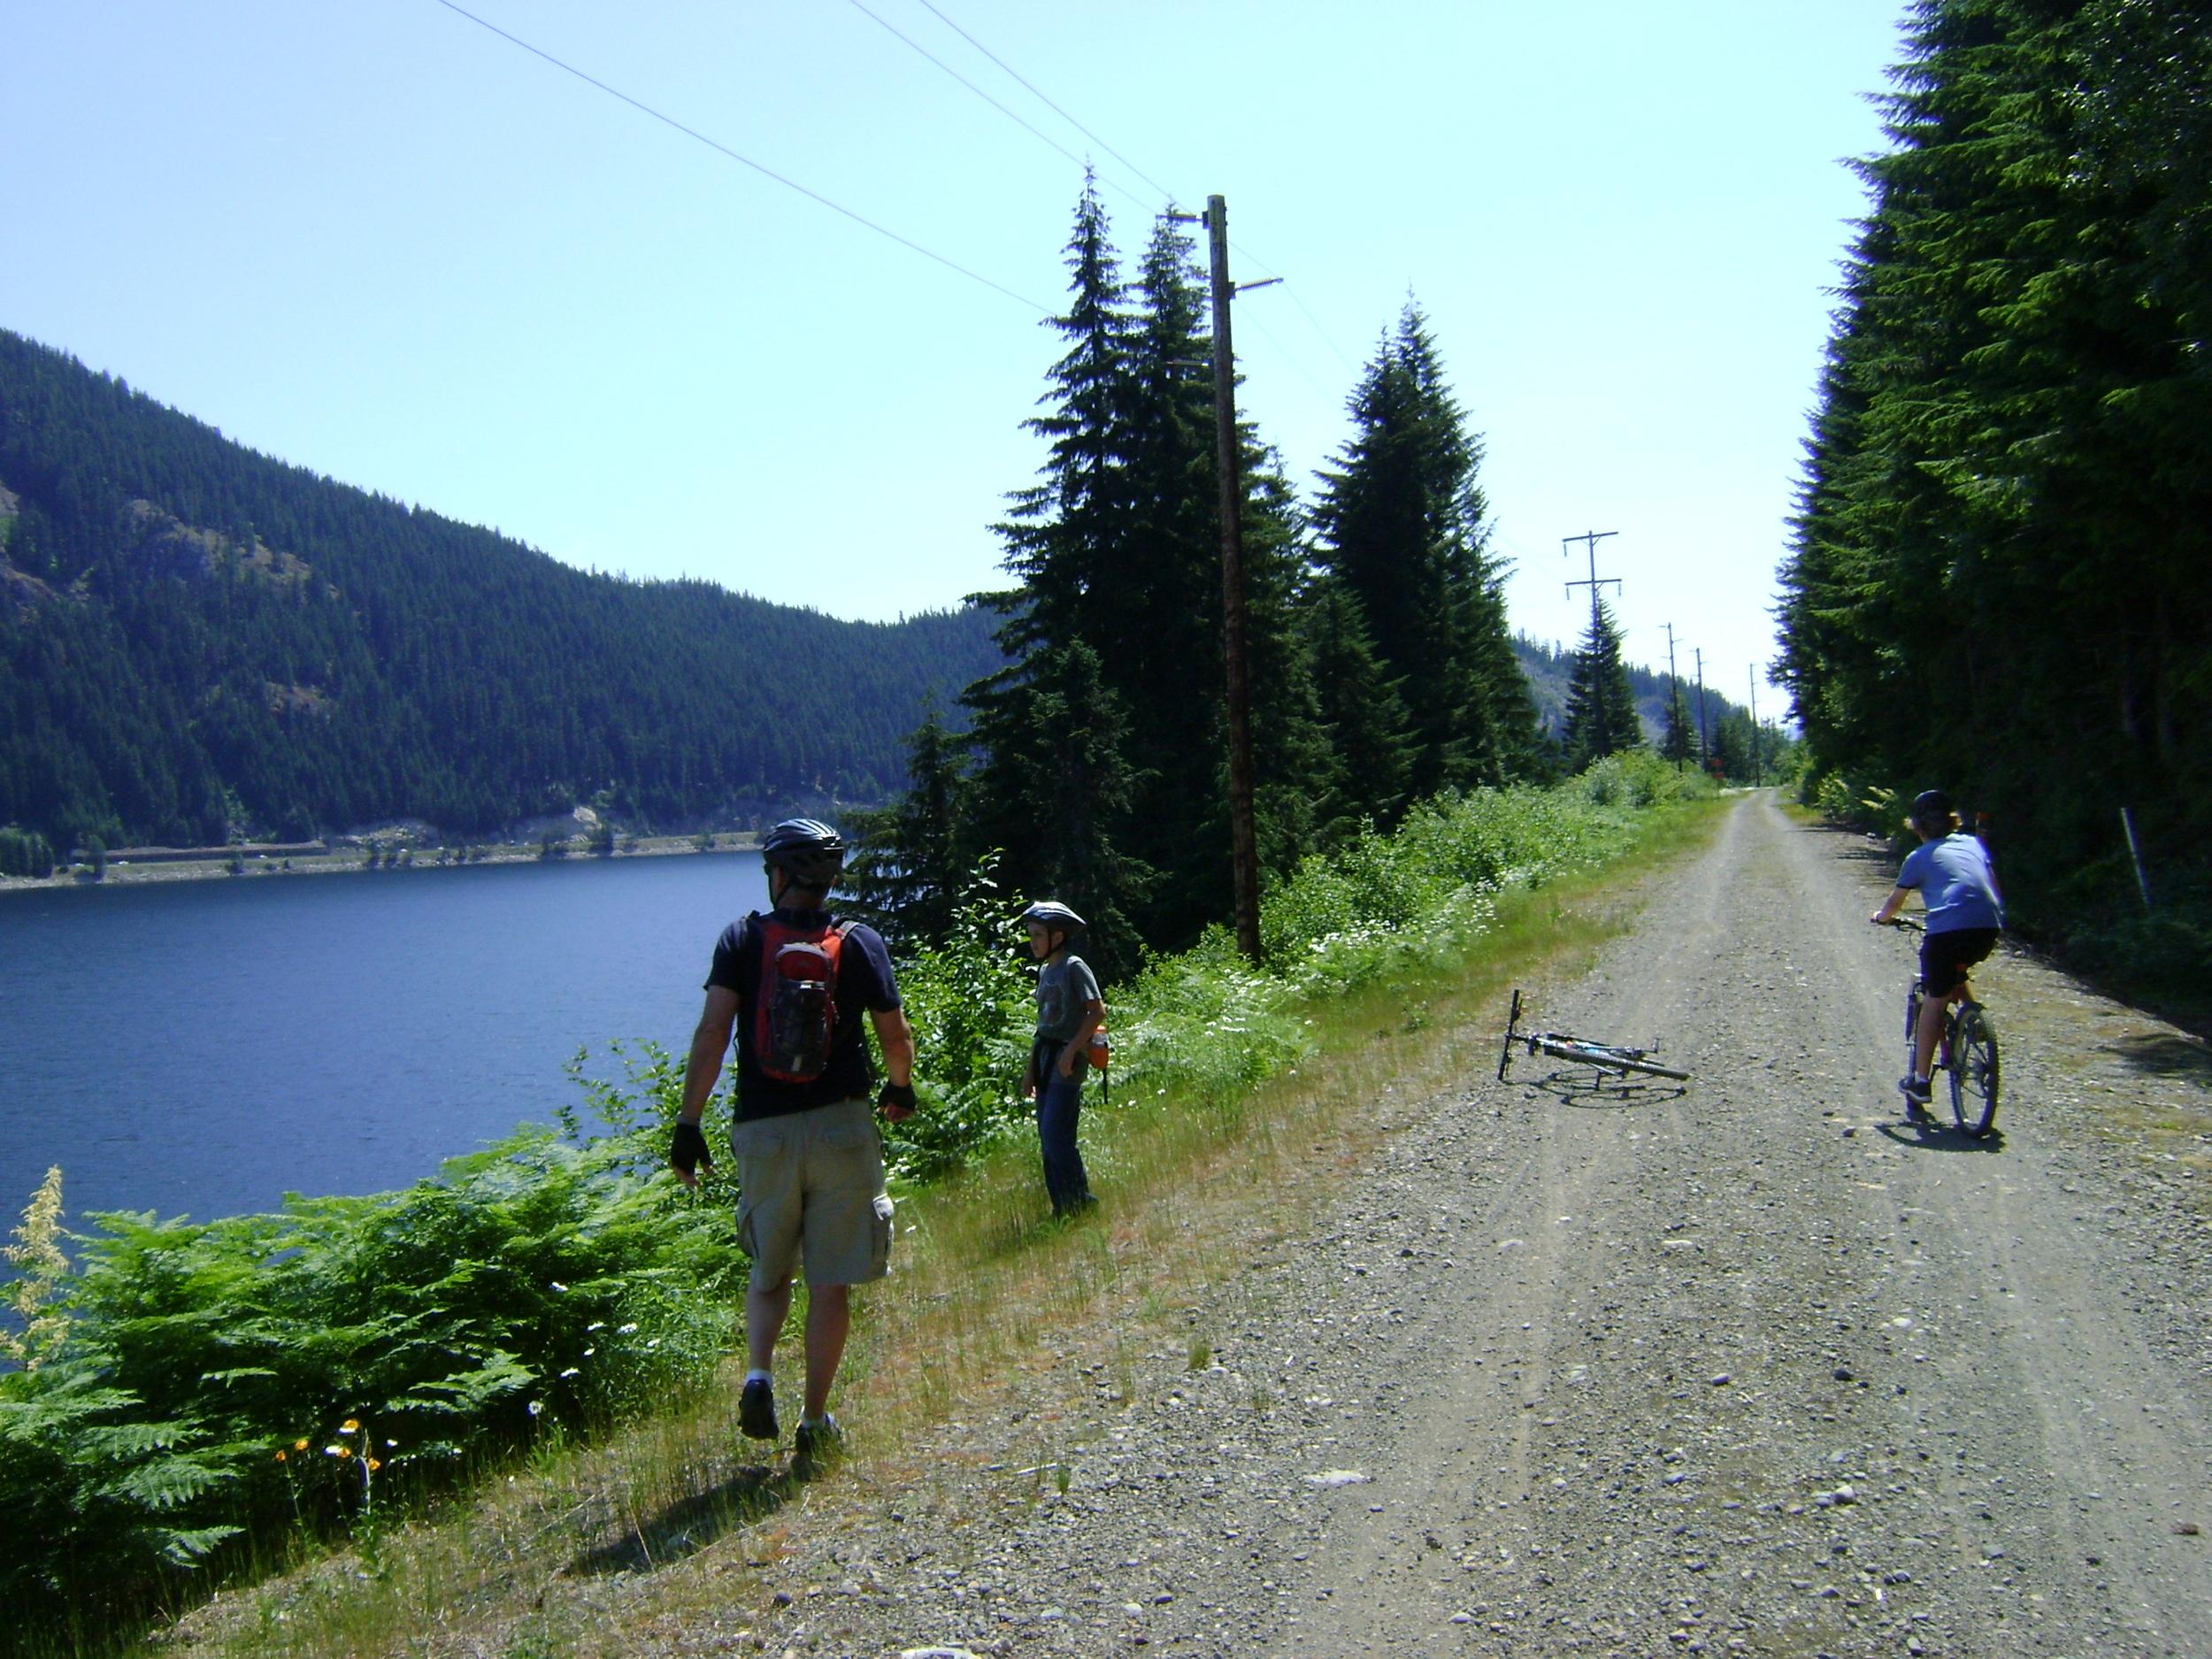 July_2009_Lake_Keechelus_JWPT.jpg